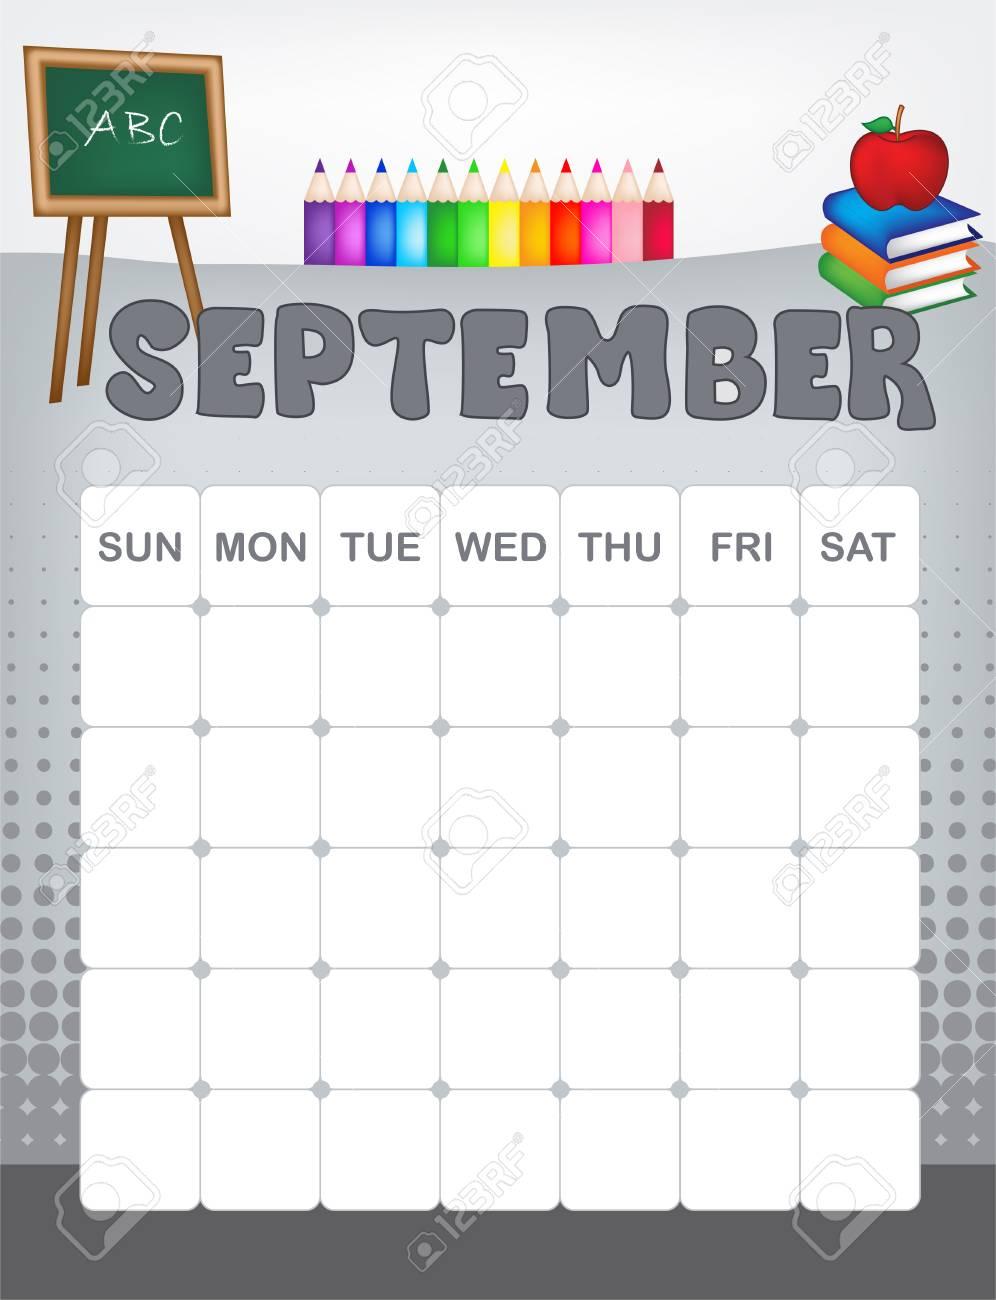 Page Calendrier.Colorful Page Calendrier Page Calendrier Avec Des Graphiques Saisonniers Pour Le Mois Amusant A La Page De Calendrier Calendrier De L 39 Ecole